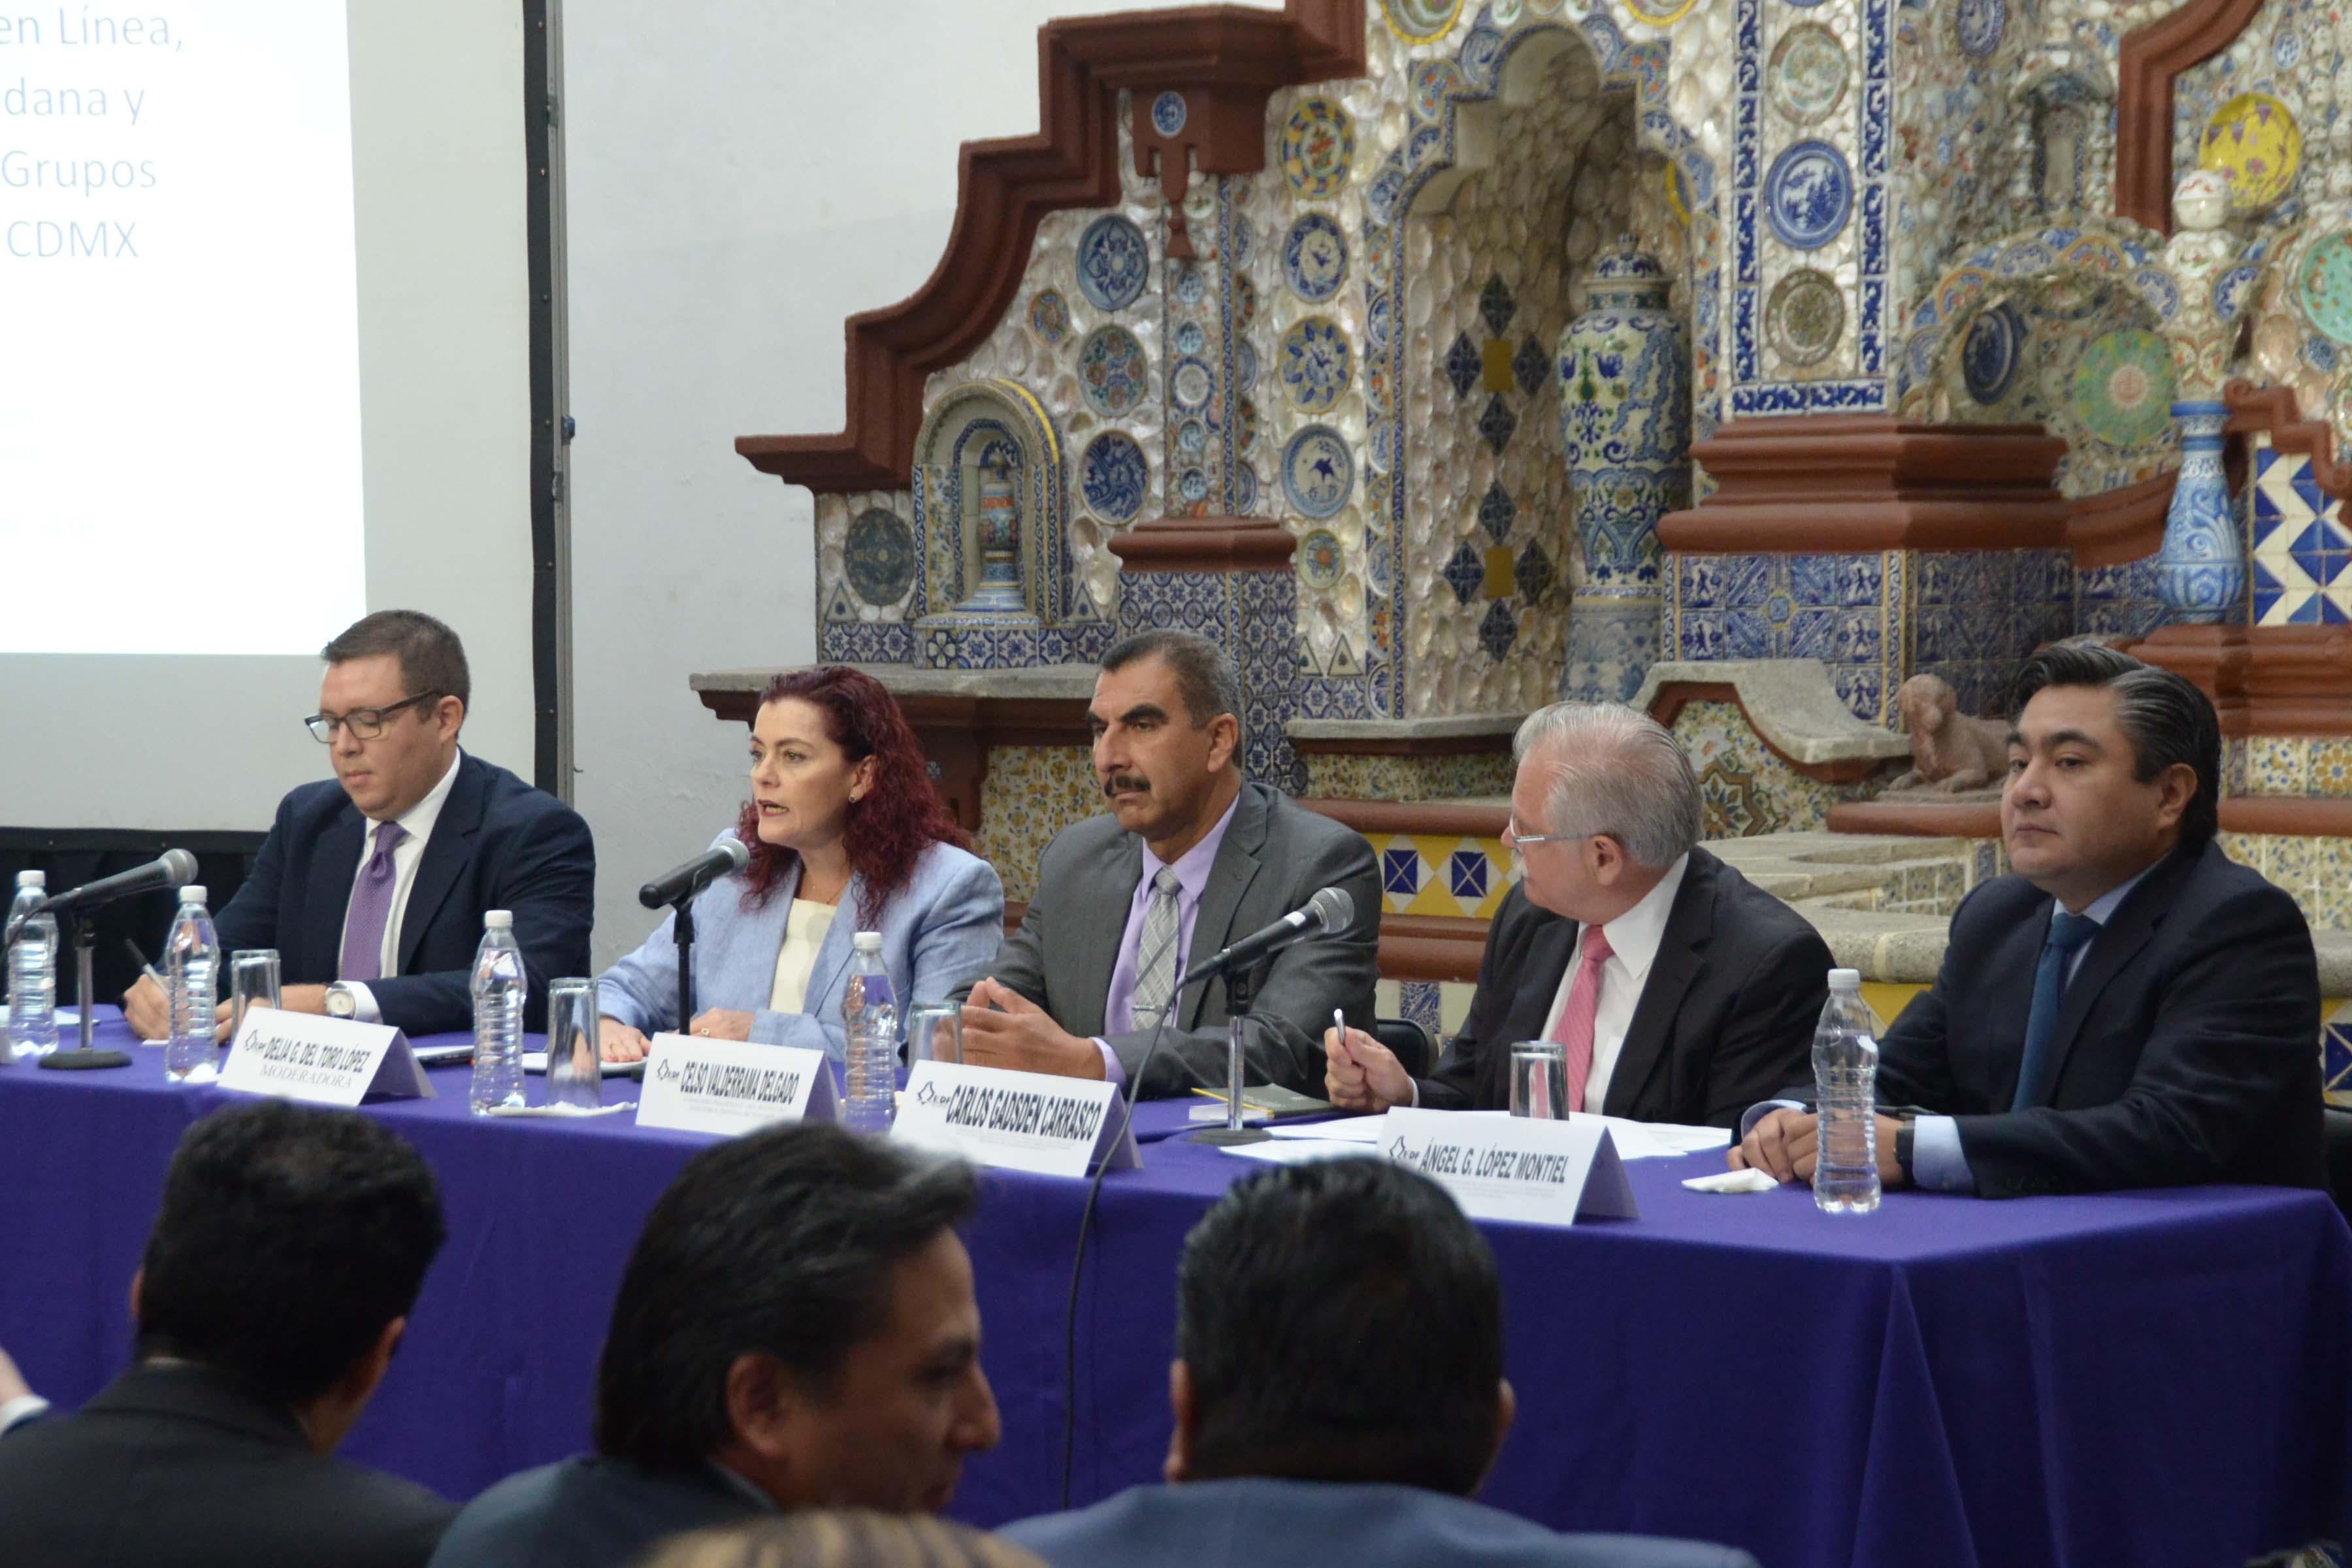 Delimitación territorial para elección de concejales debe basarse en estándares internacionales